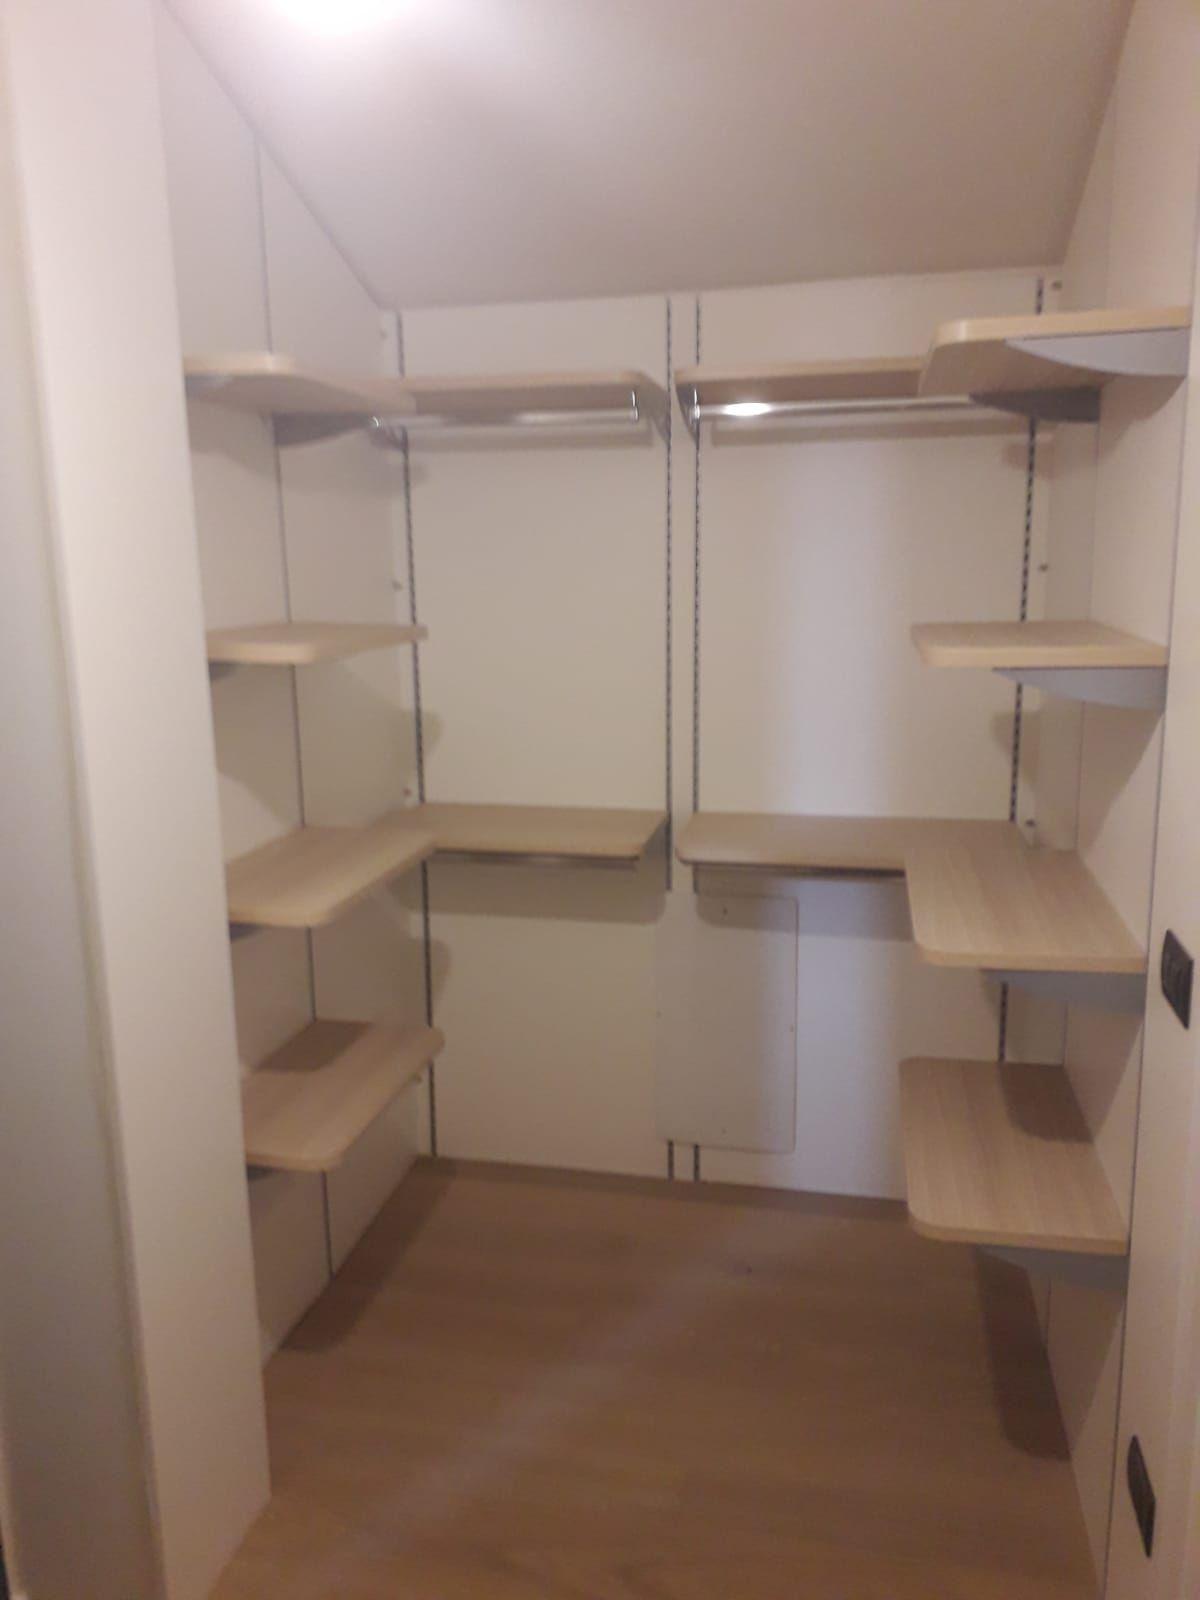 Cabina armadio in mansarda,realizzata con pannelli per ...